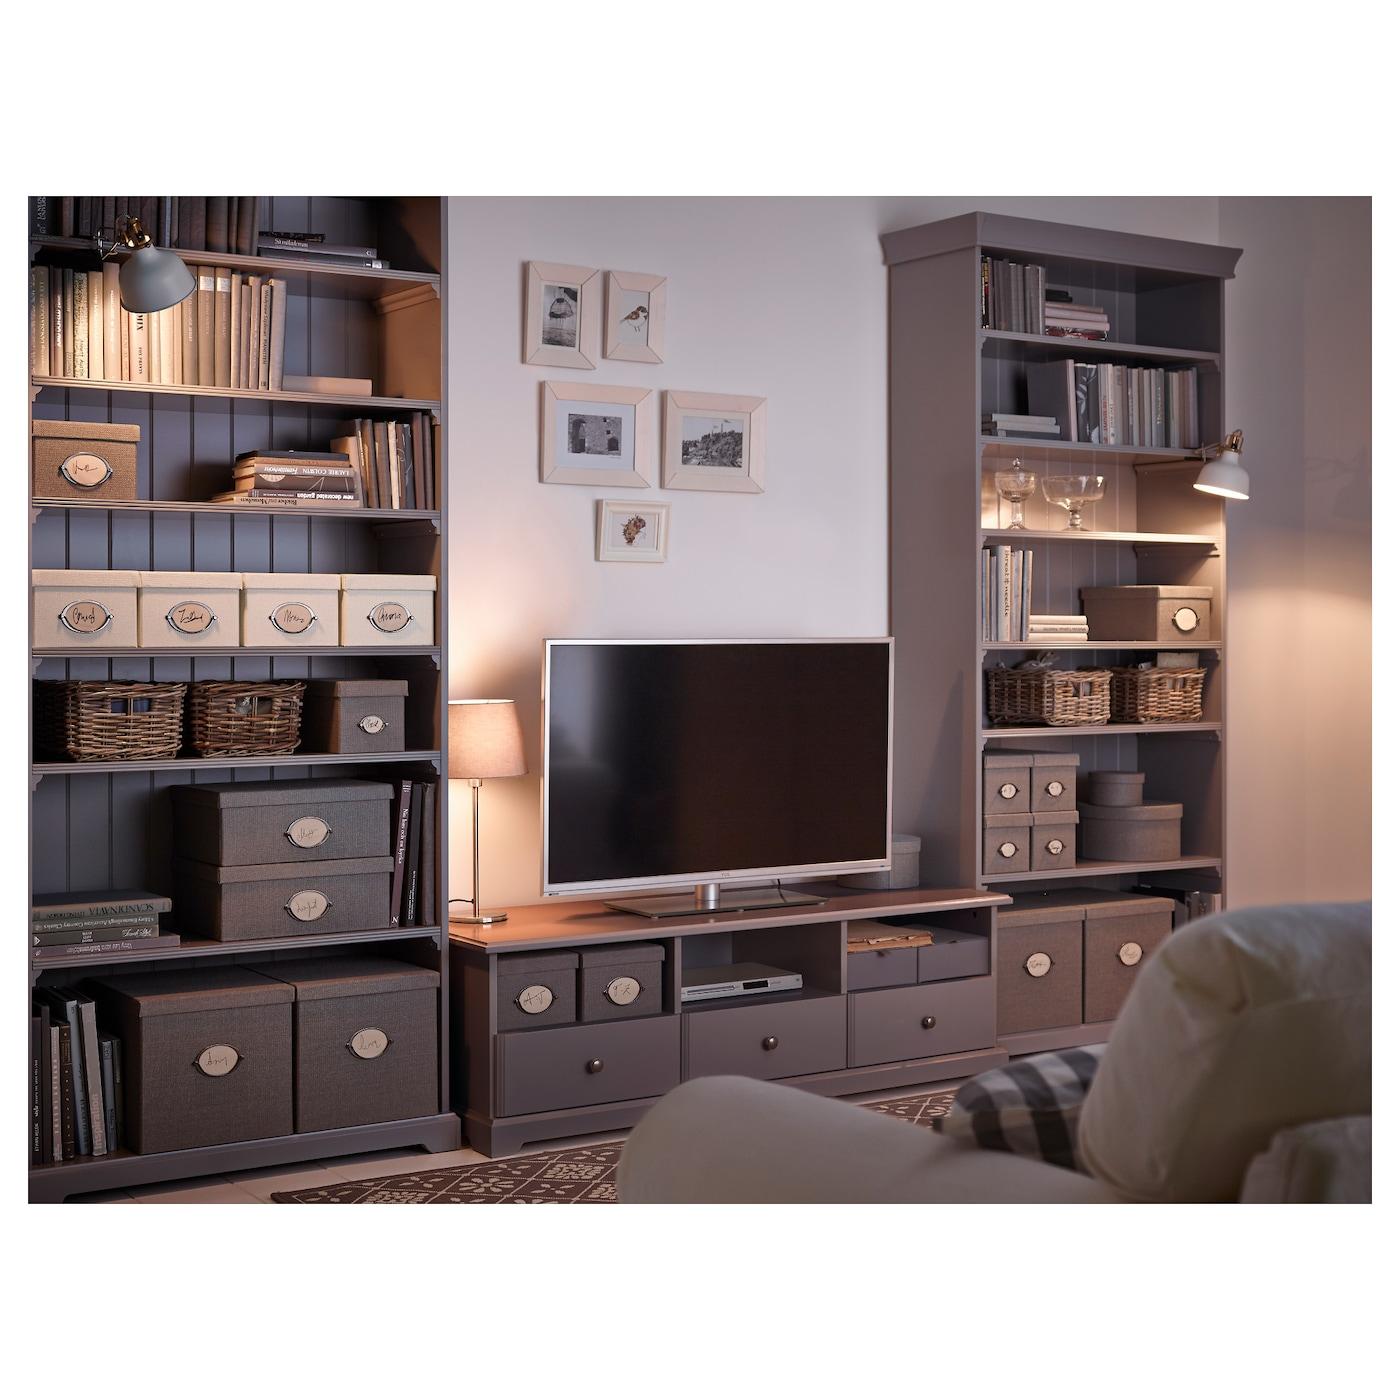 Liatorp Ikea Liatorp Desk And Office Arealiatorp Desk 3d Model  # Combinaison Besta Et Liatorp